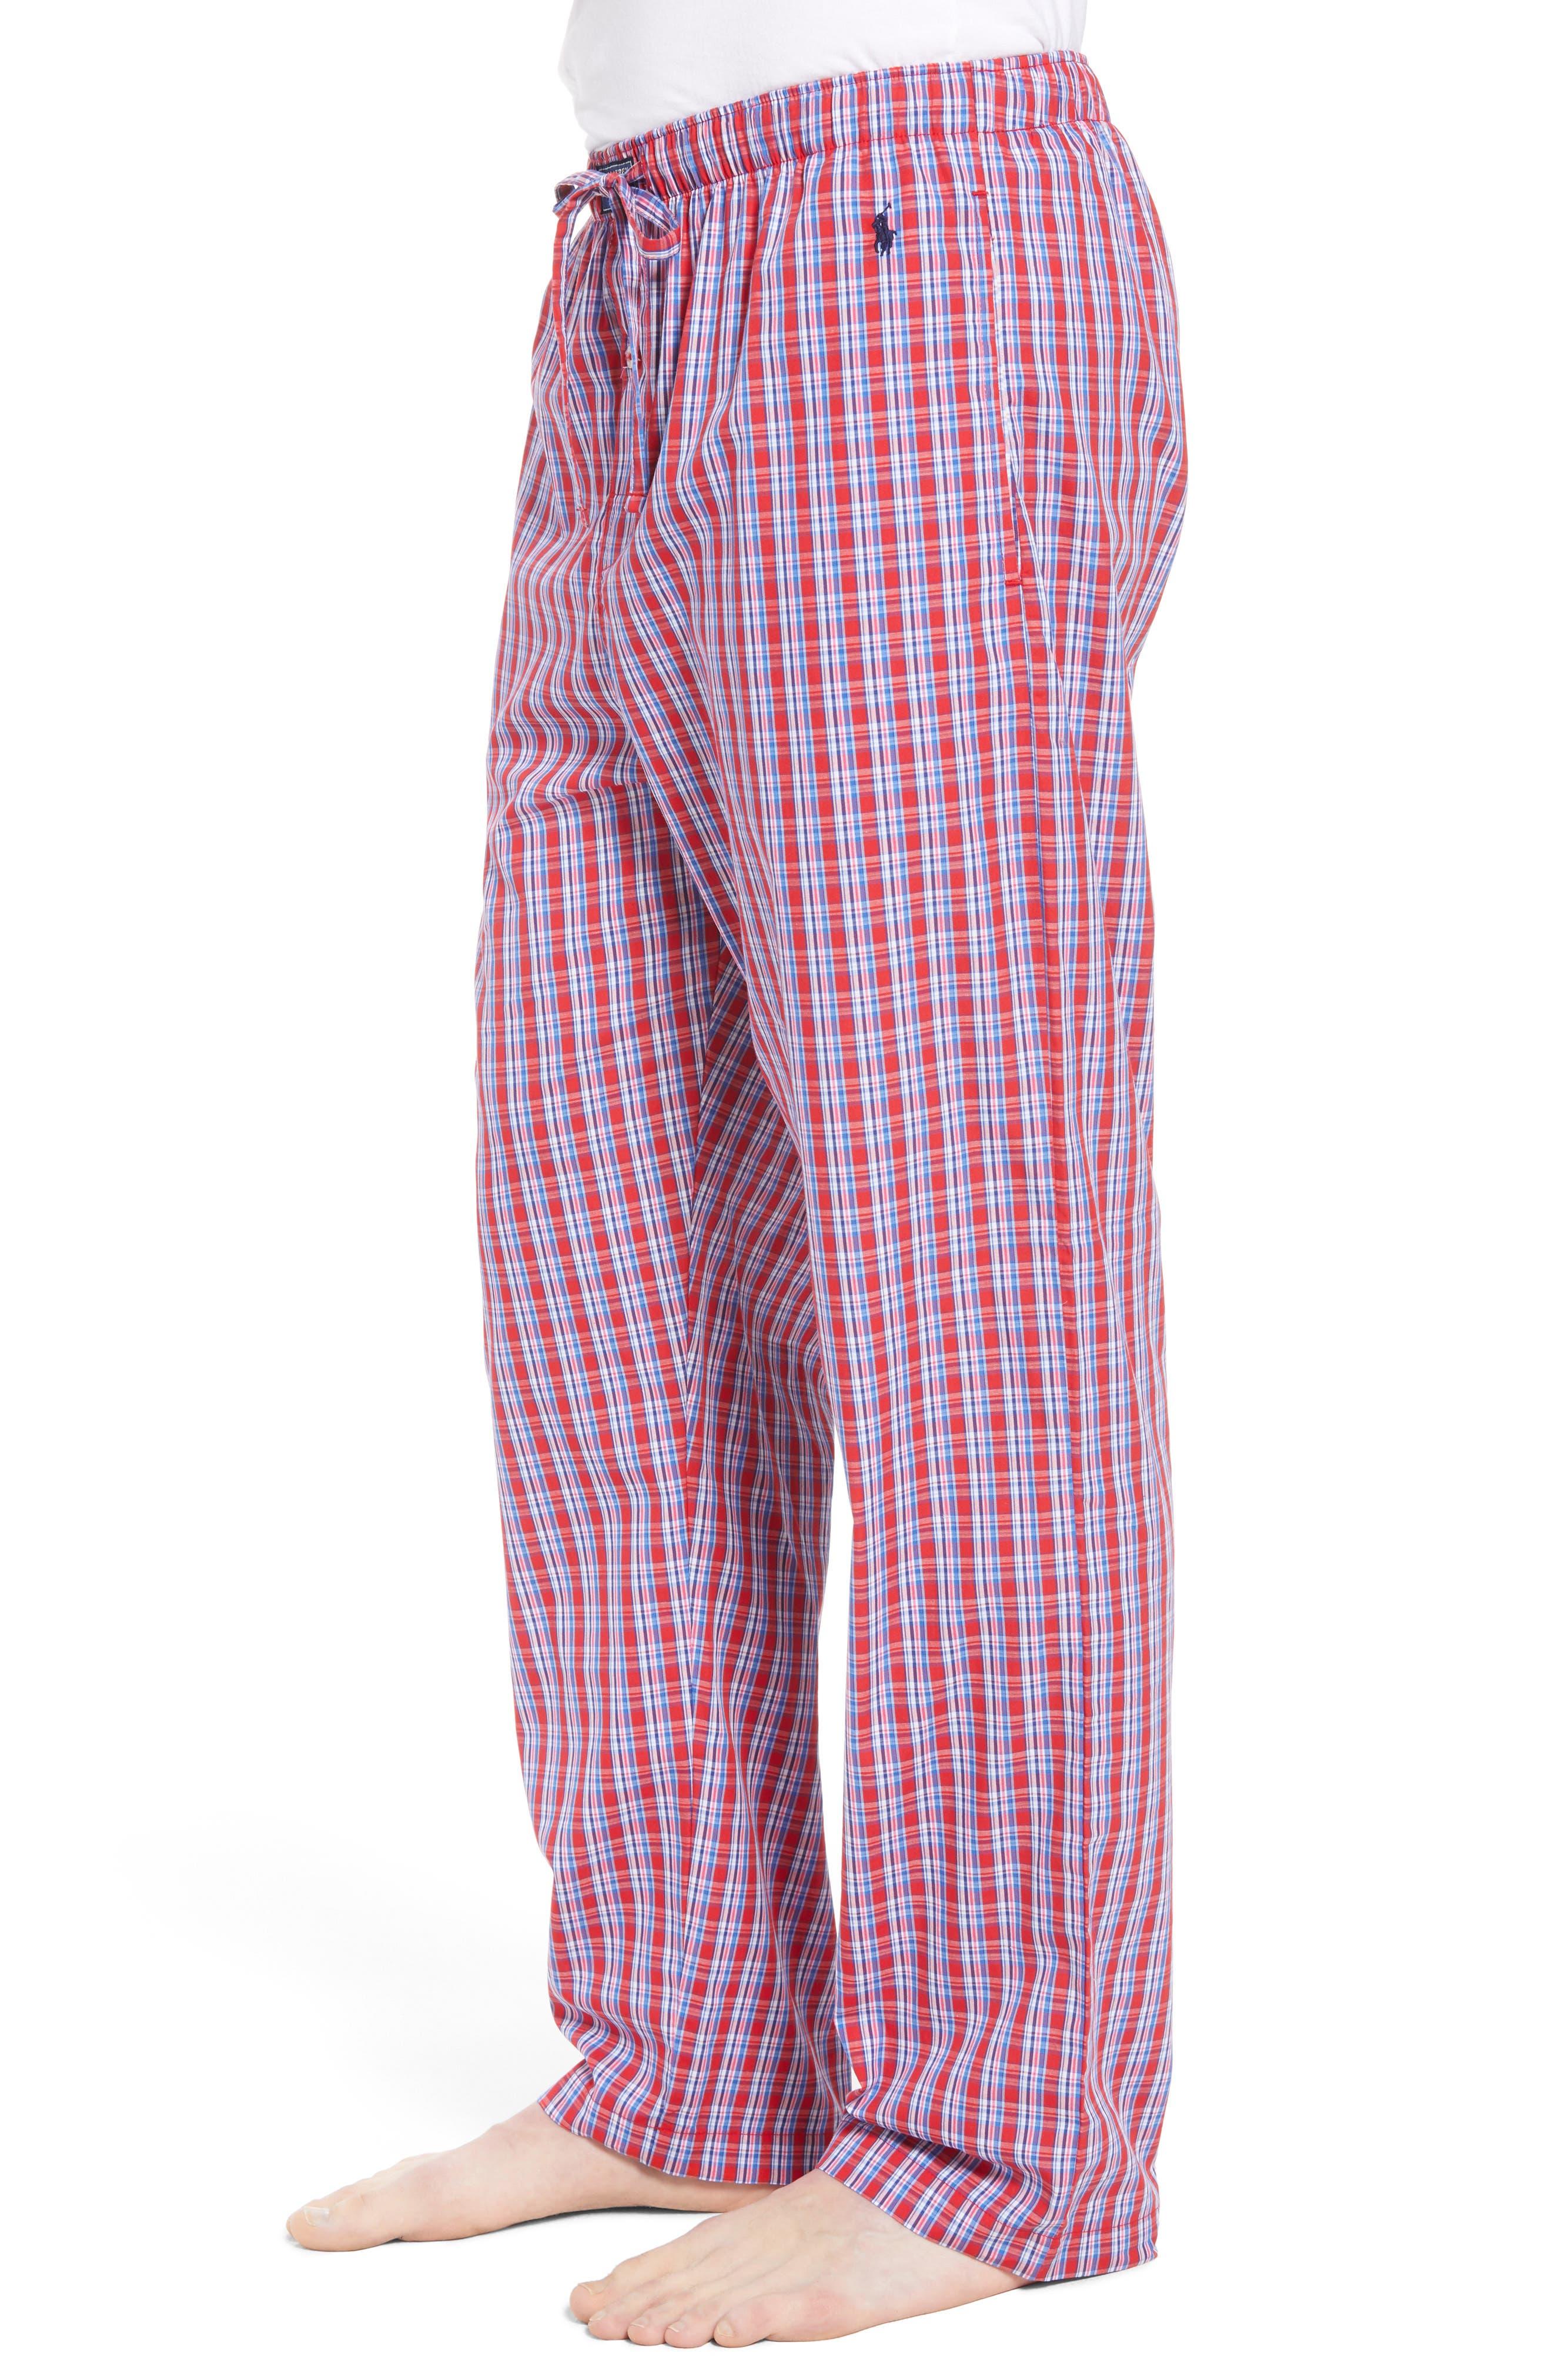 Cotton Lounge Pants,                             Alternate thumbnail 3, color,                             NEWPORT PLAID/ NAVY